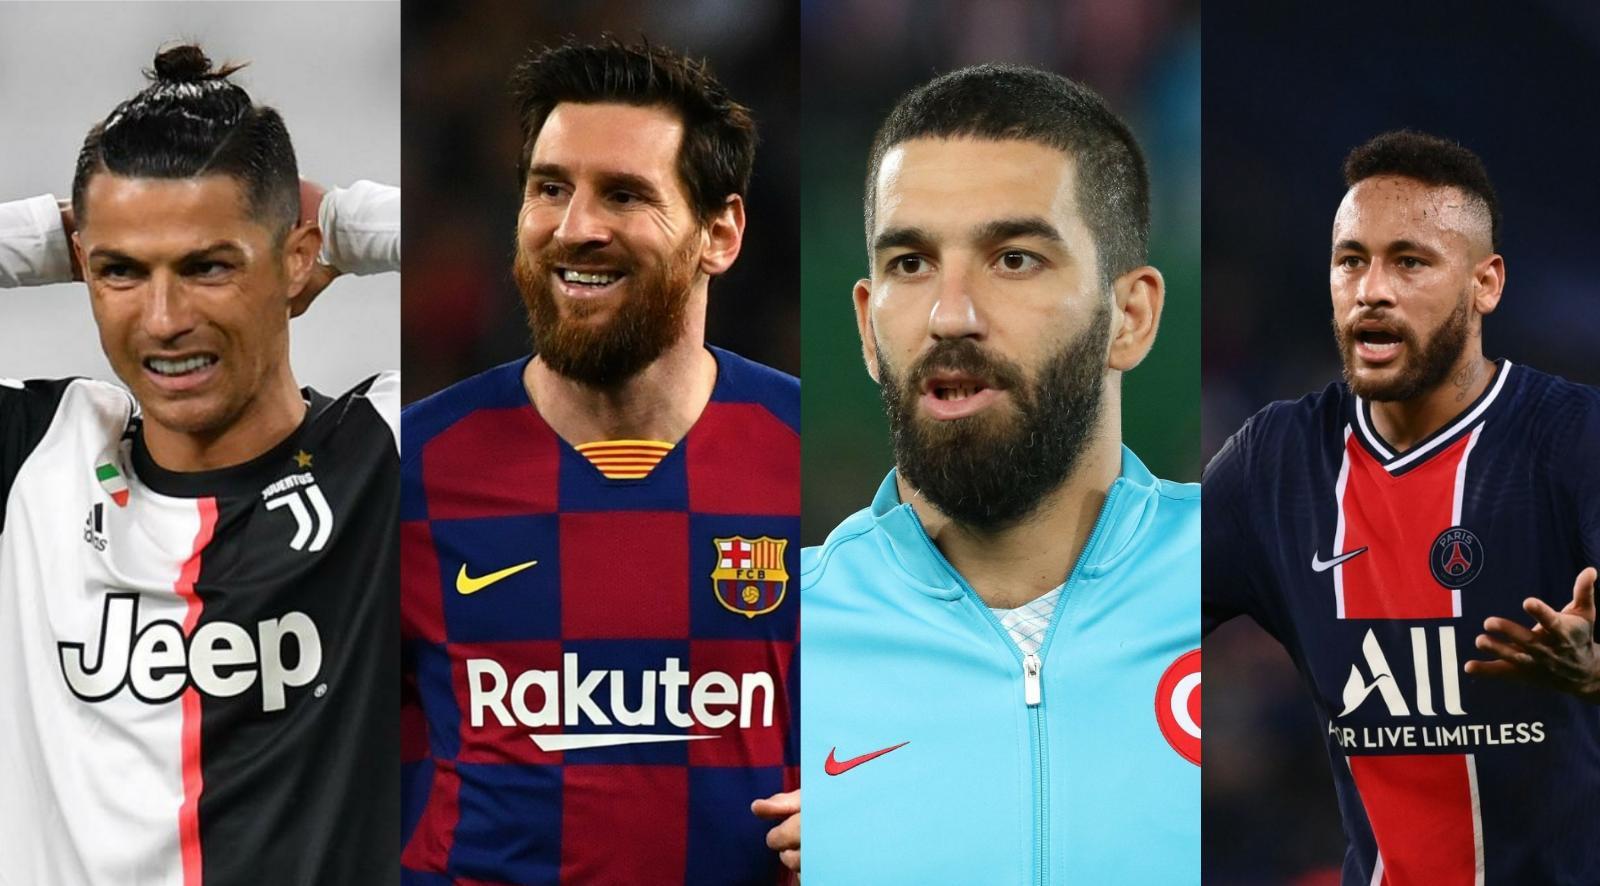 En çok kazanan futbolcular açıklandı Birinci kim?